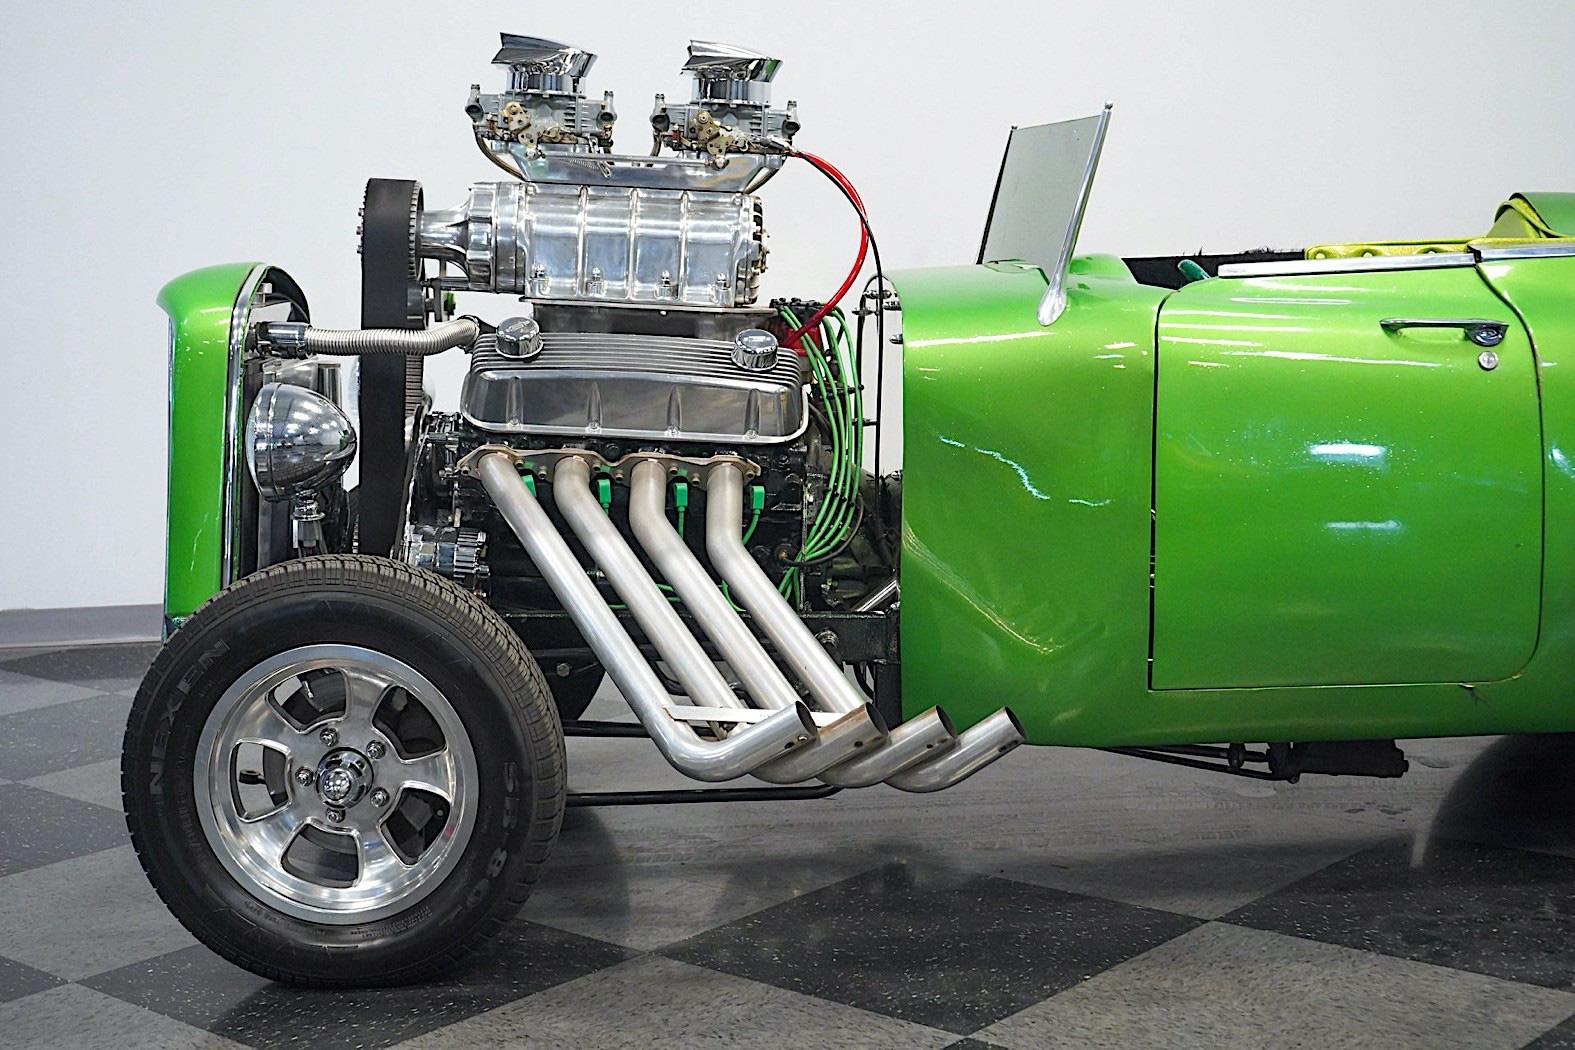 Chiếc xe cổ Cadillac 1959 phục chế biến tấu với động cơ lộ thiên  - Ảnh 5.